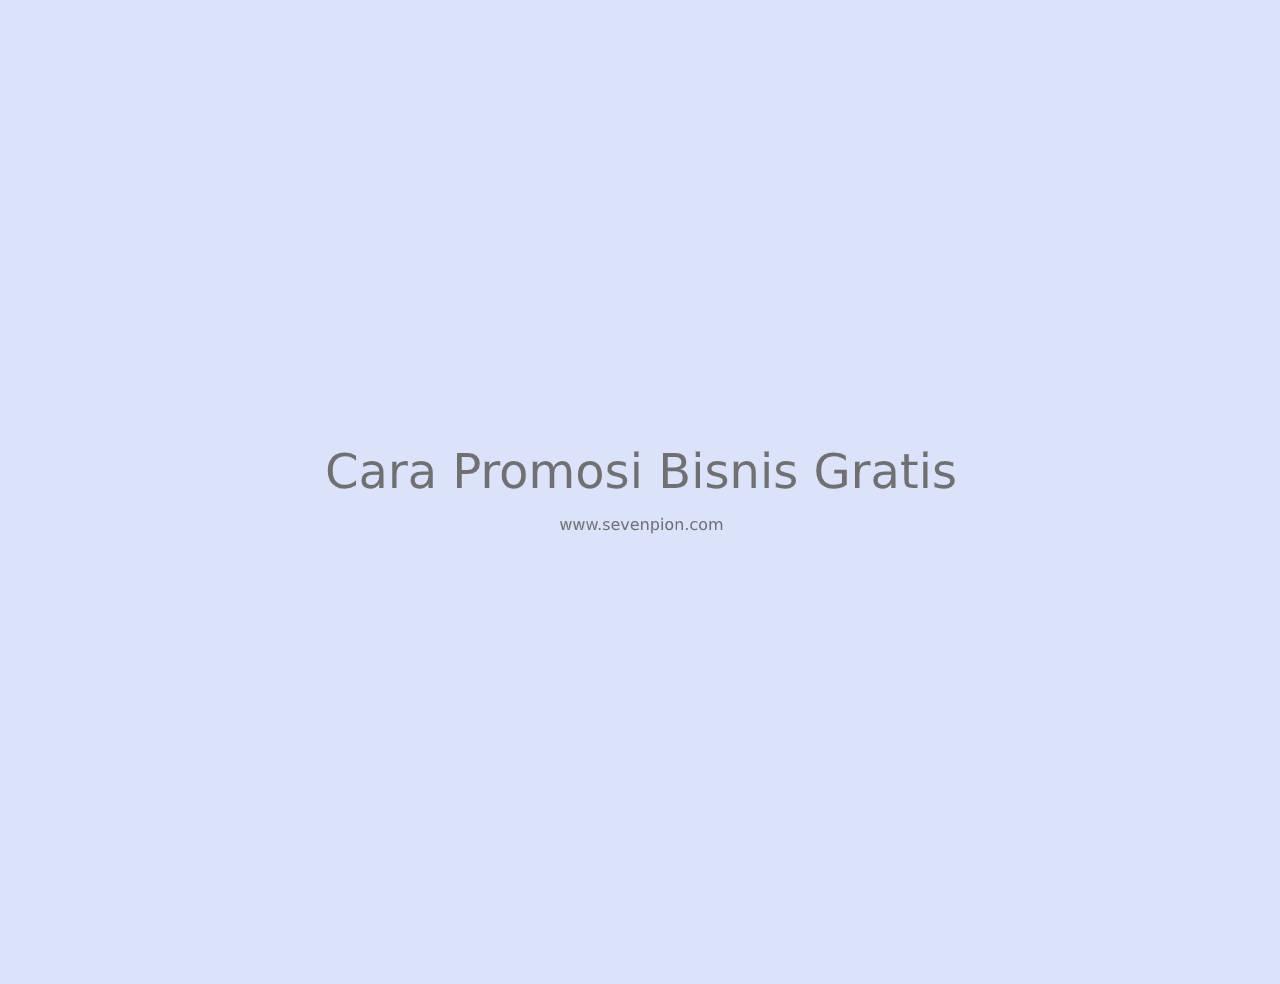 cara promosi bisnis gratis